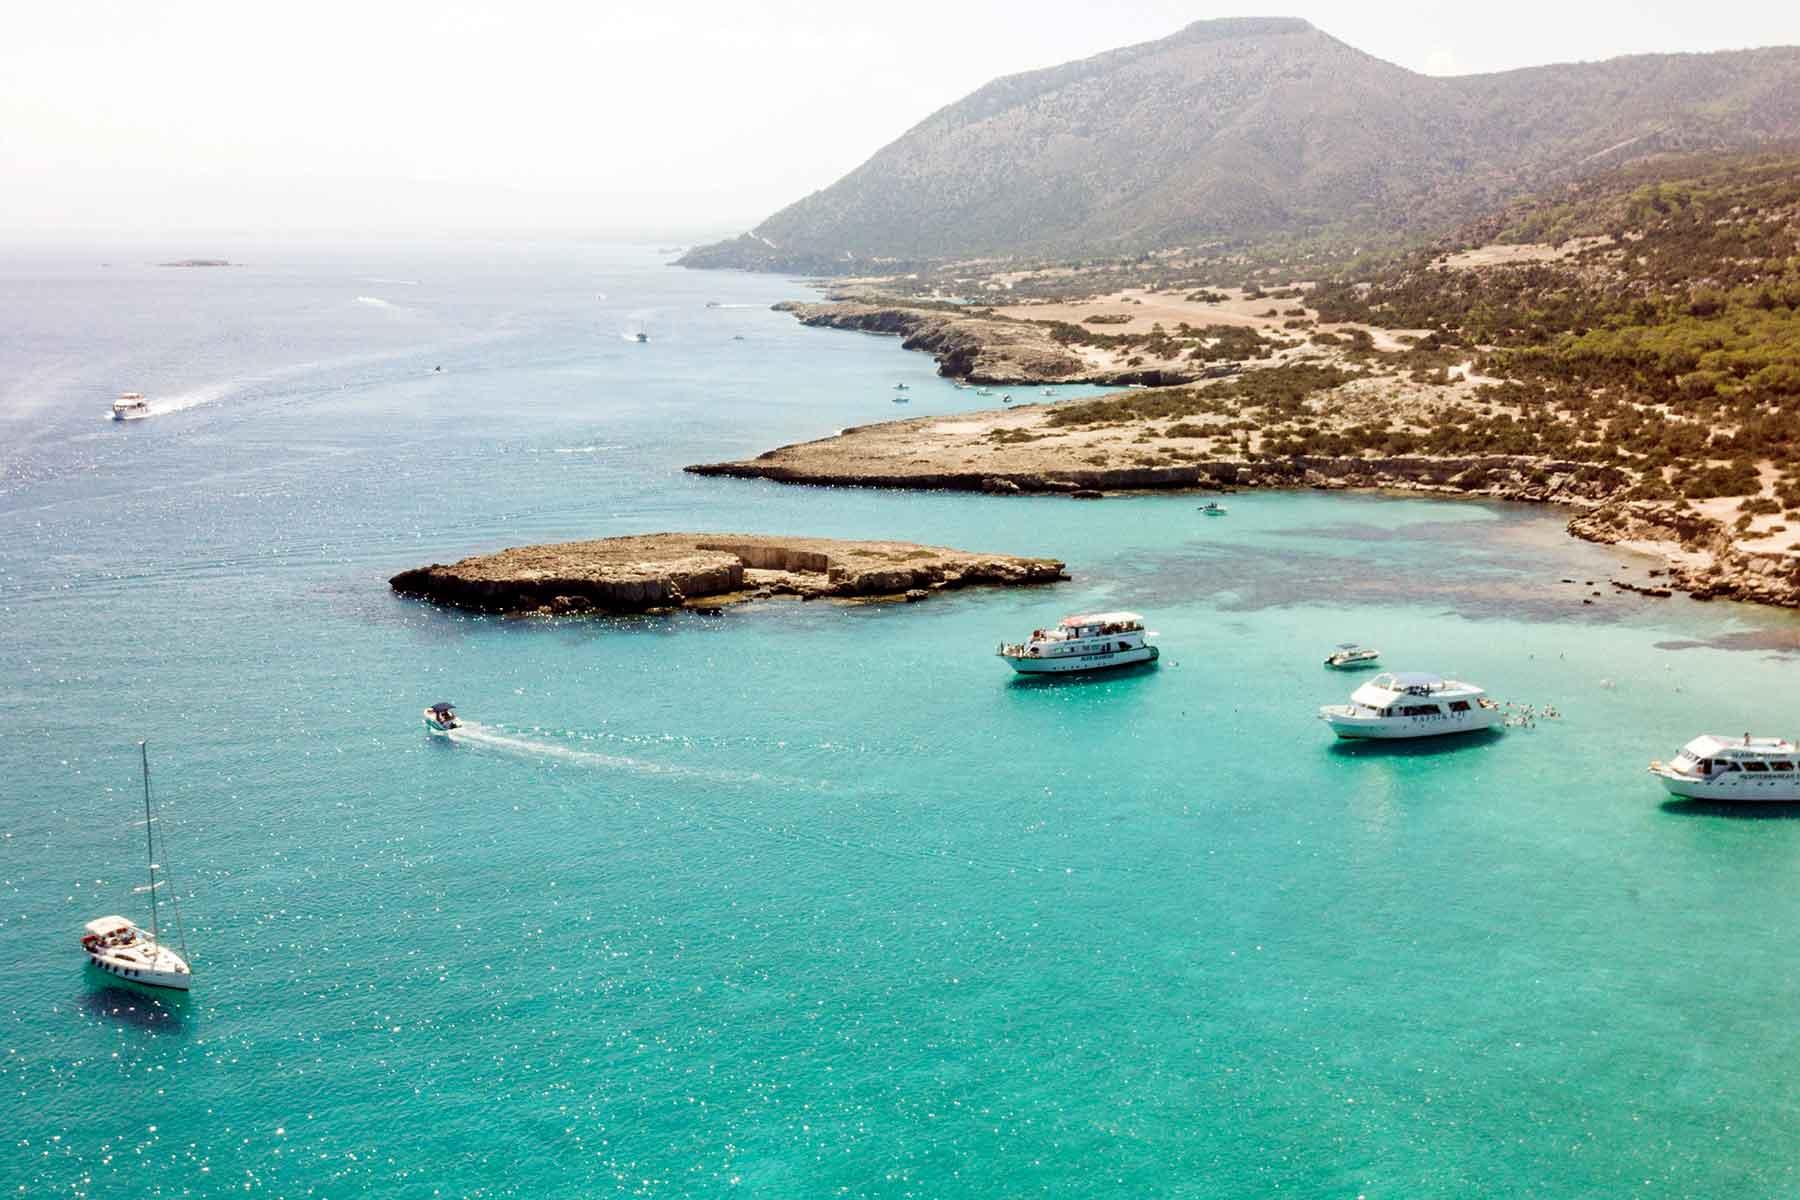 Resor-till-Pafos-med-Nygren-&-Lind-Resebyrå---båtar-på-blå-sjö